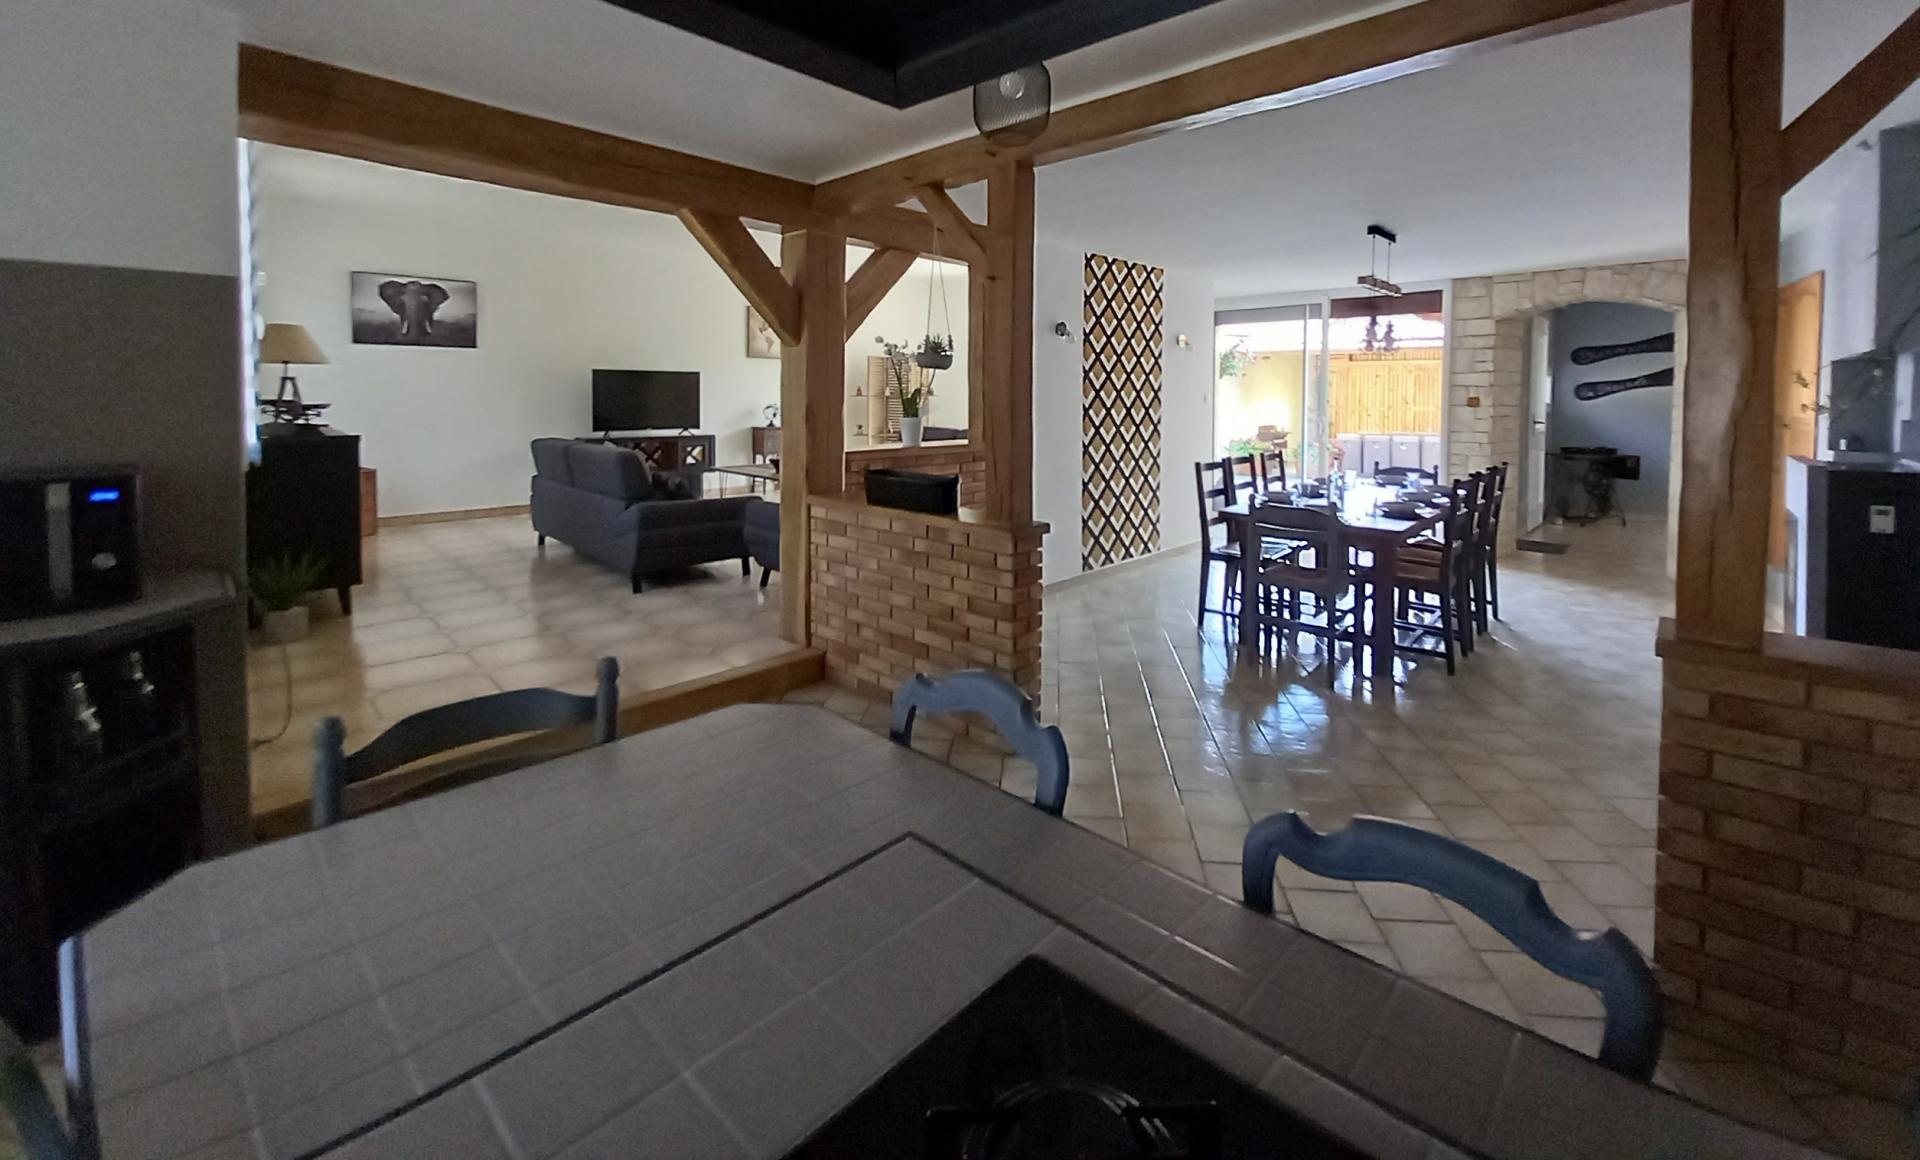 Cuisine, salle à manger, salon et wc indépendants